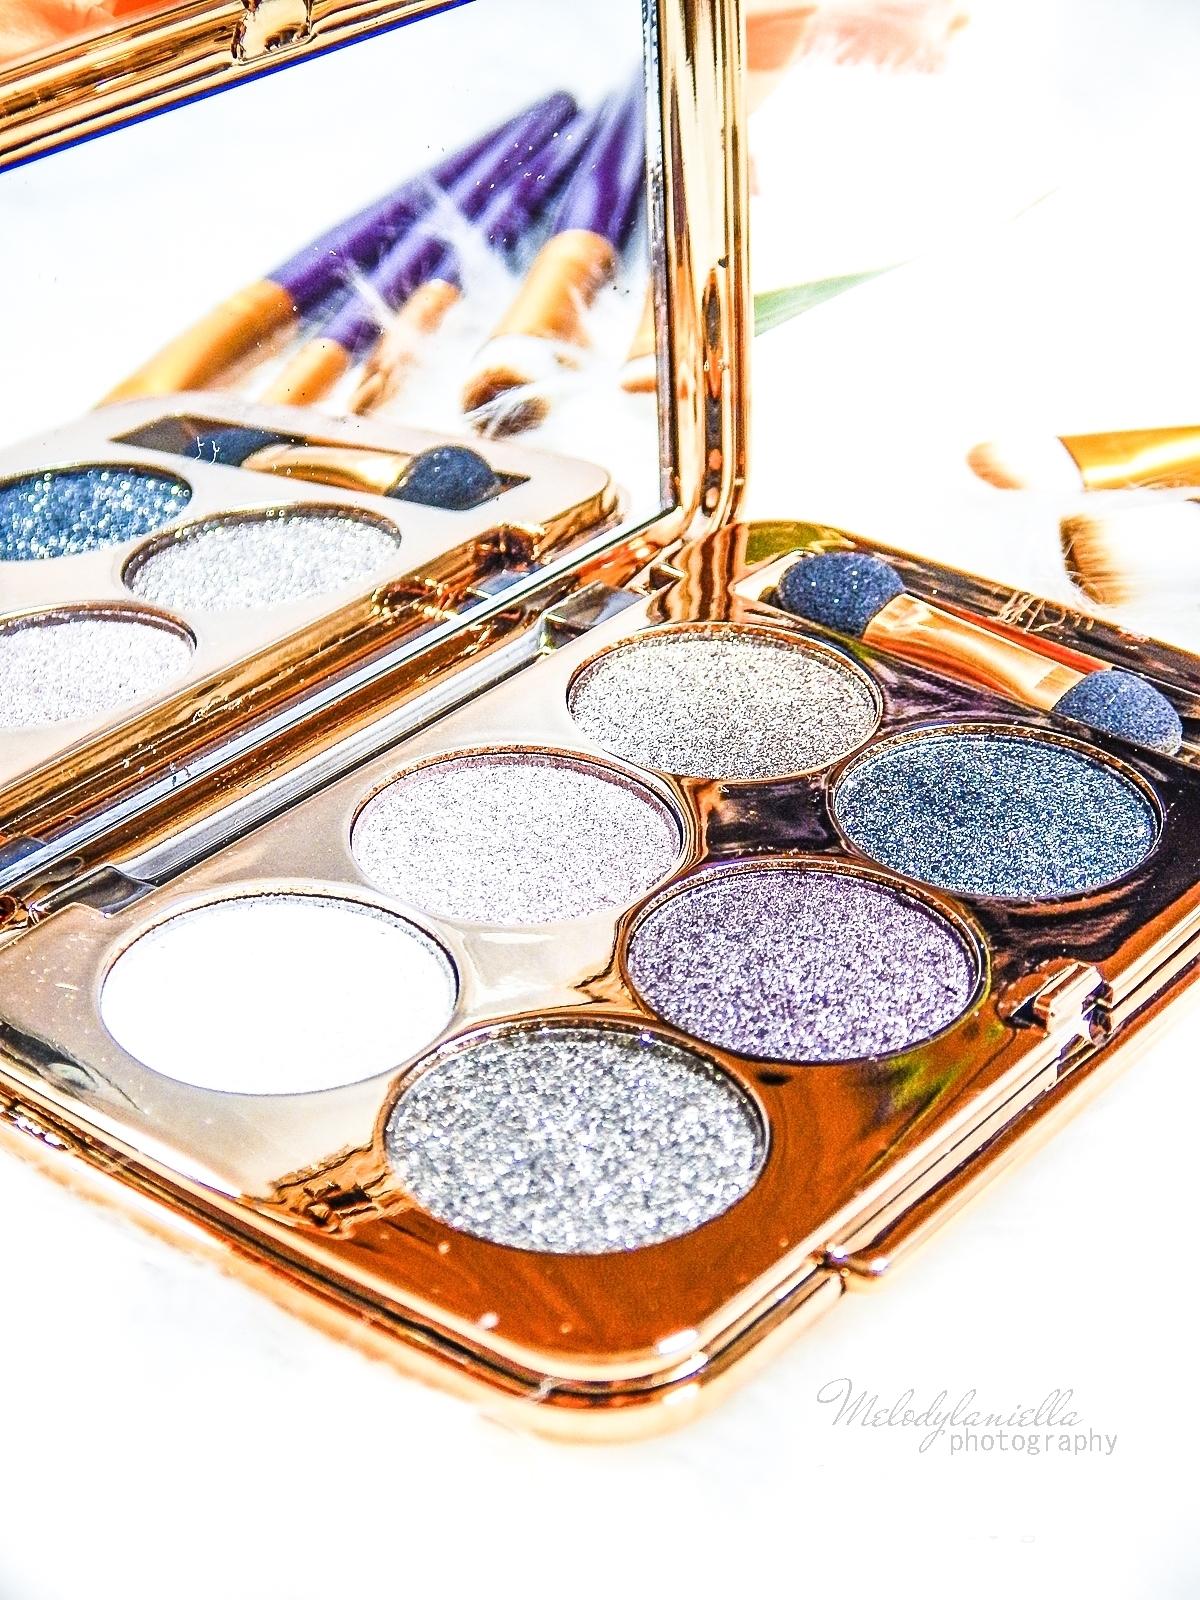 2 azjatyckie chińskie kosmetyki recenzja melodylaniella beauty paleta 6 cieni brokatowe cienie do powiek sammydress cienie do powiek ze złotem i brokatem tanie kosmetyki